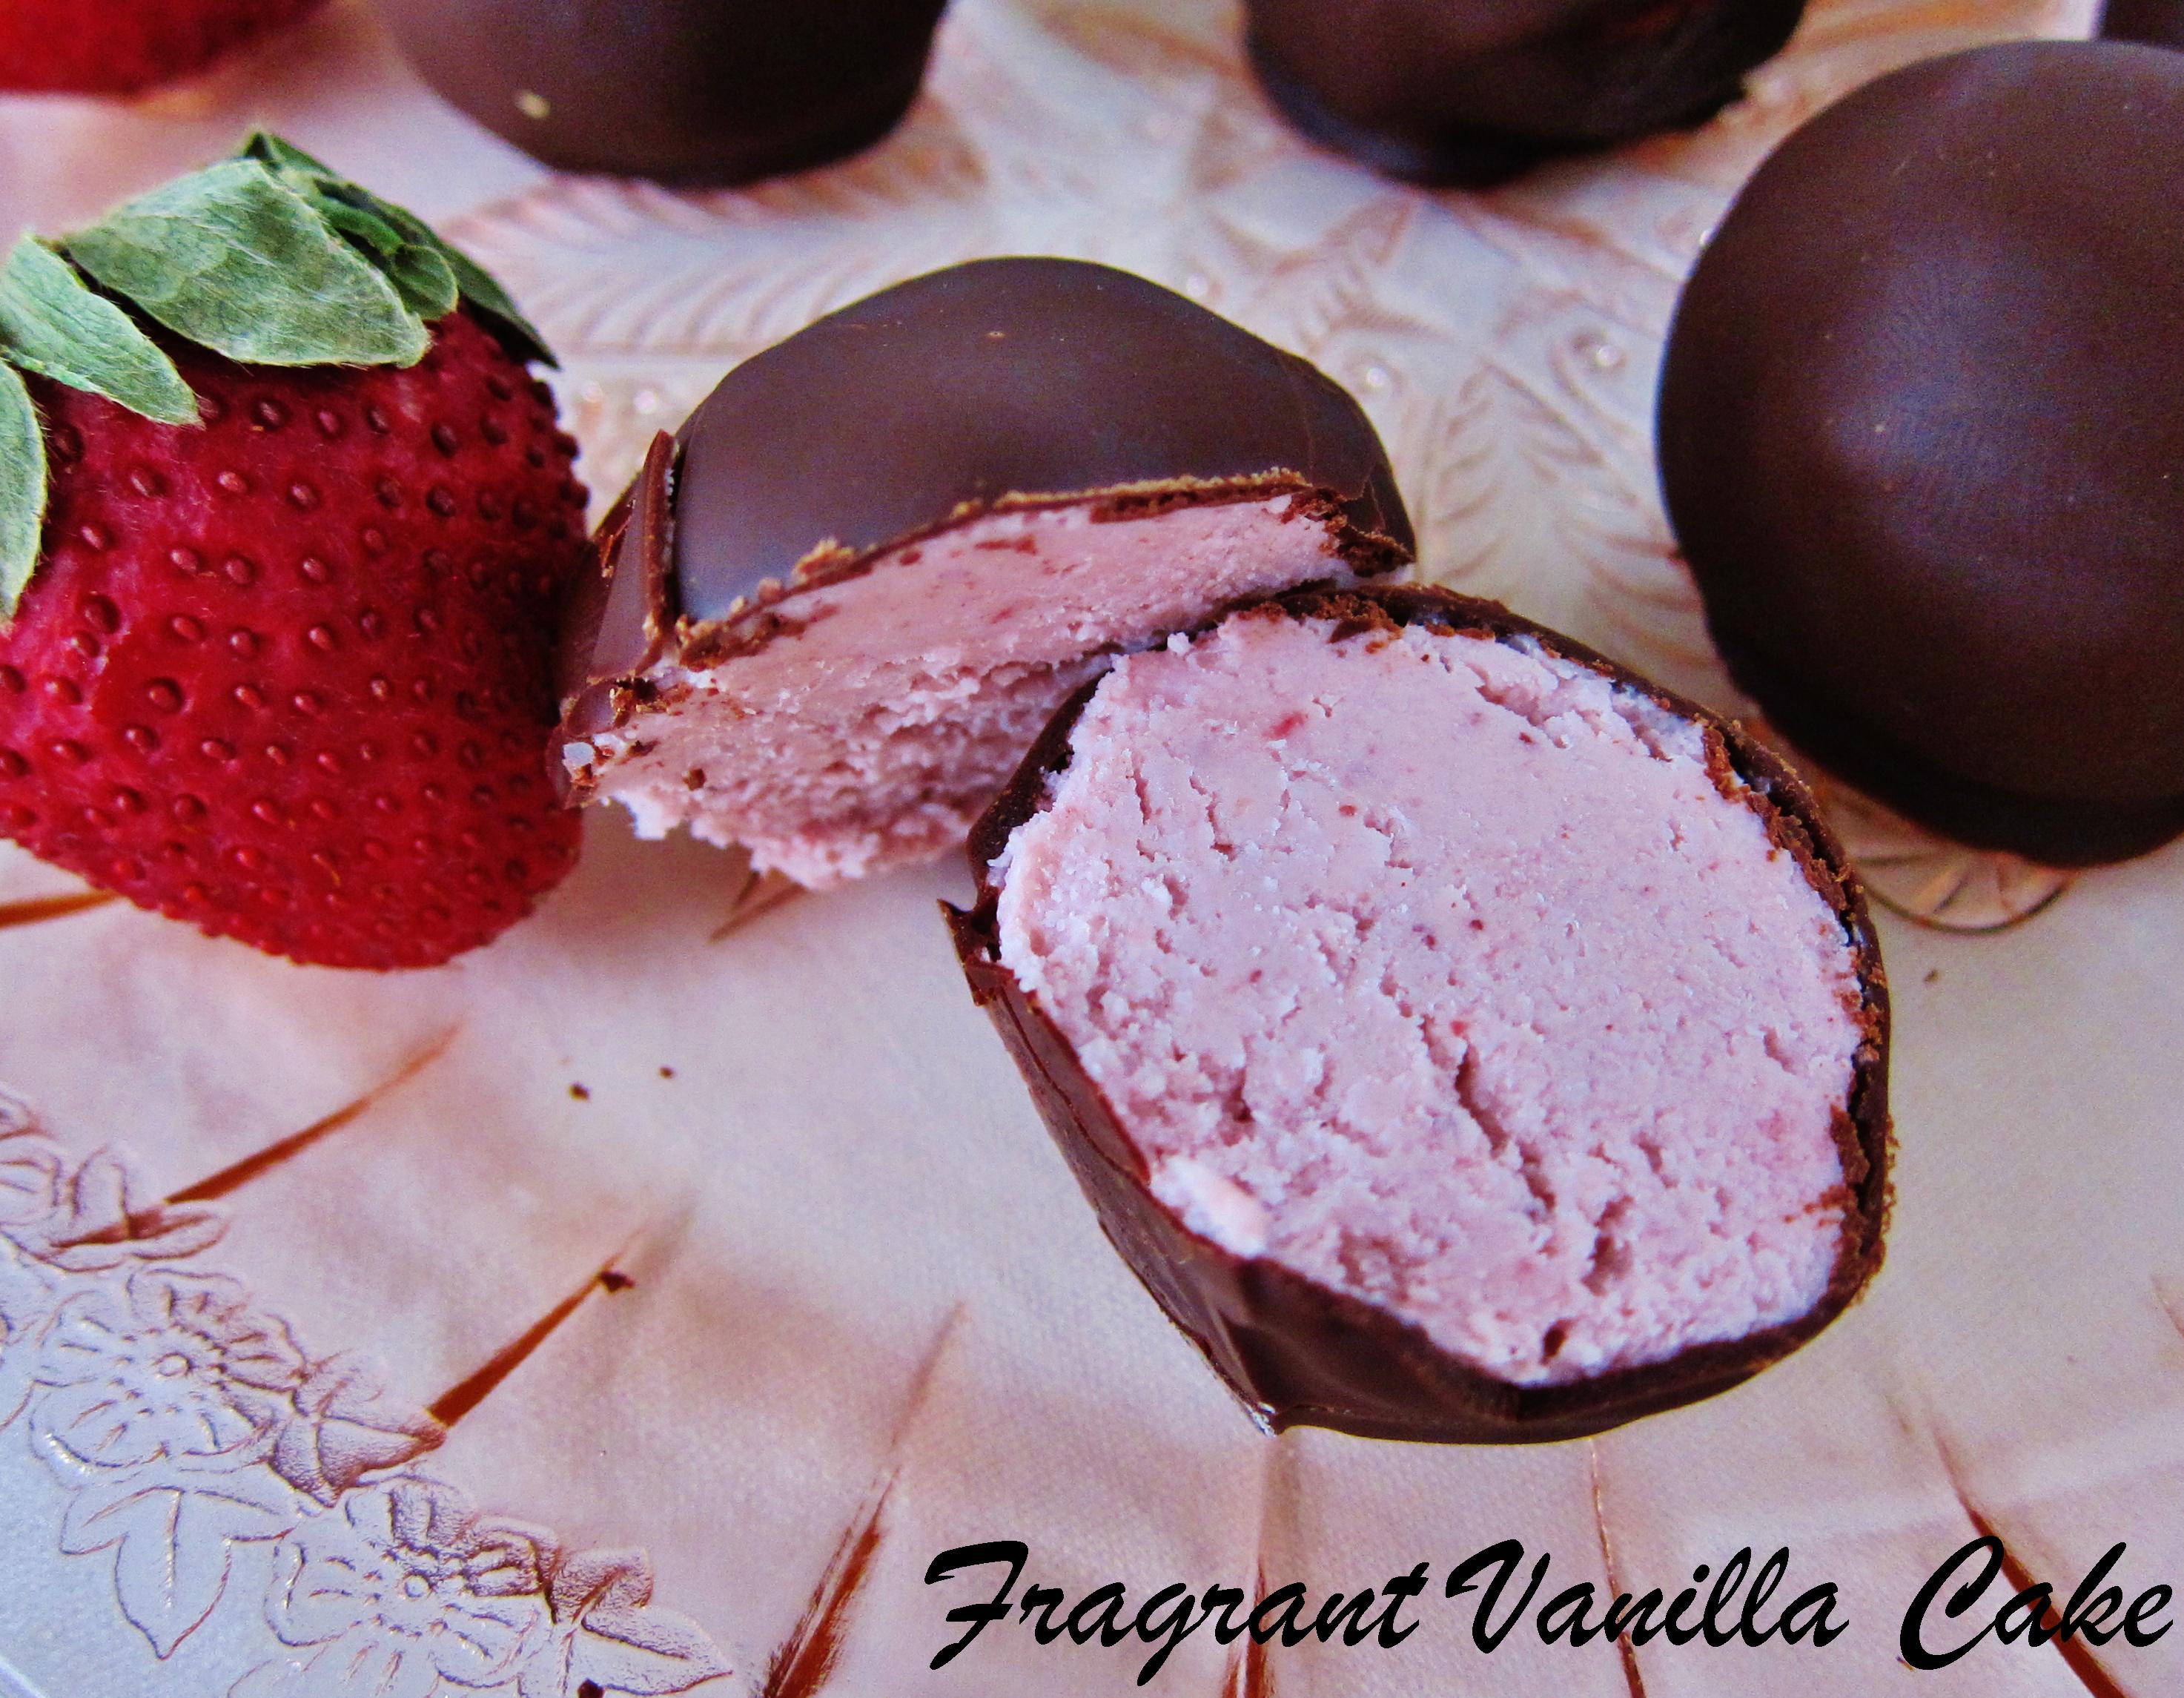 Raw Strawberries and Cream Truffles